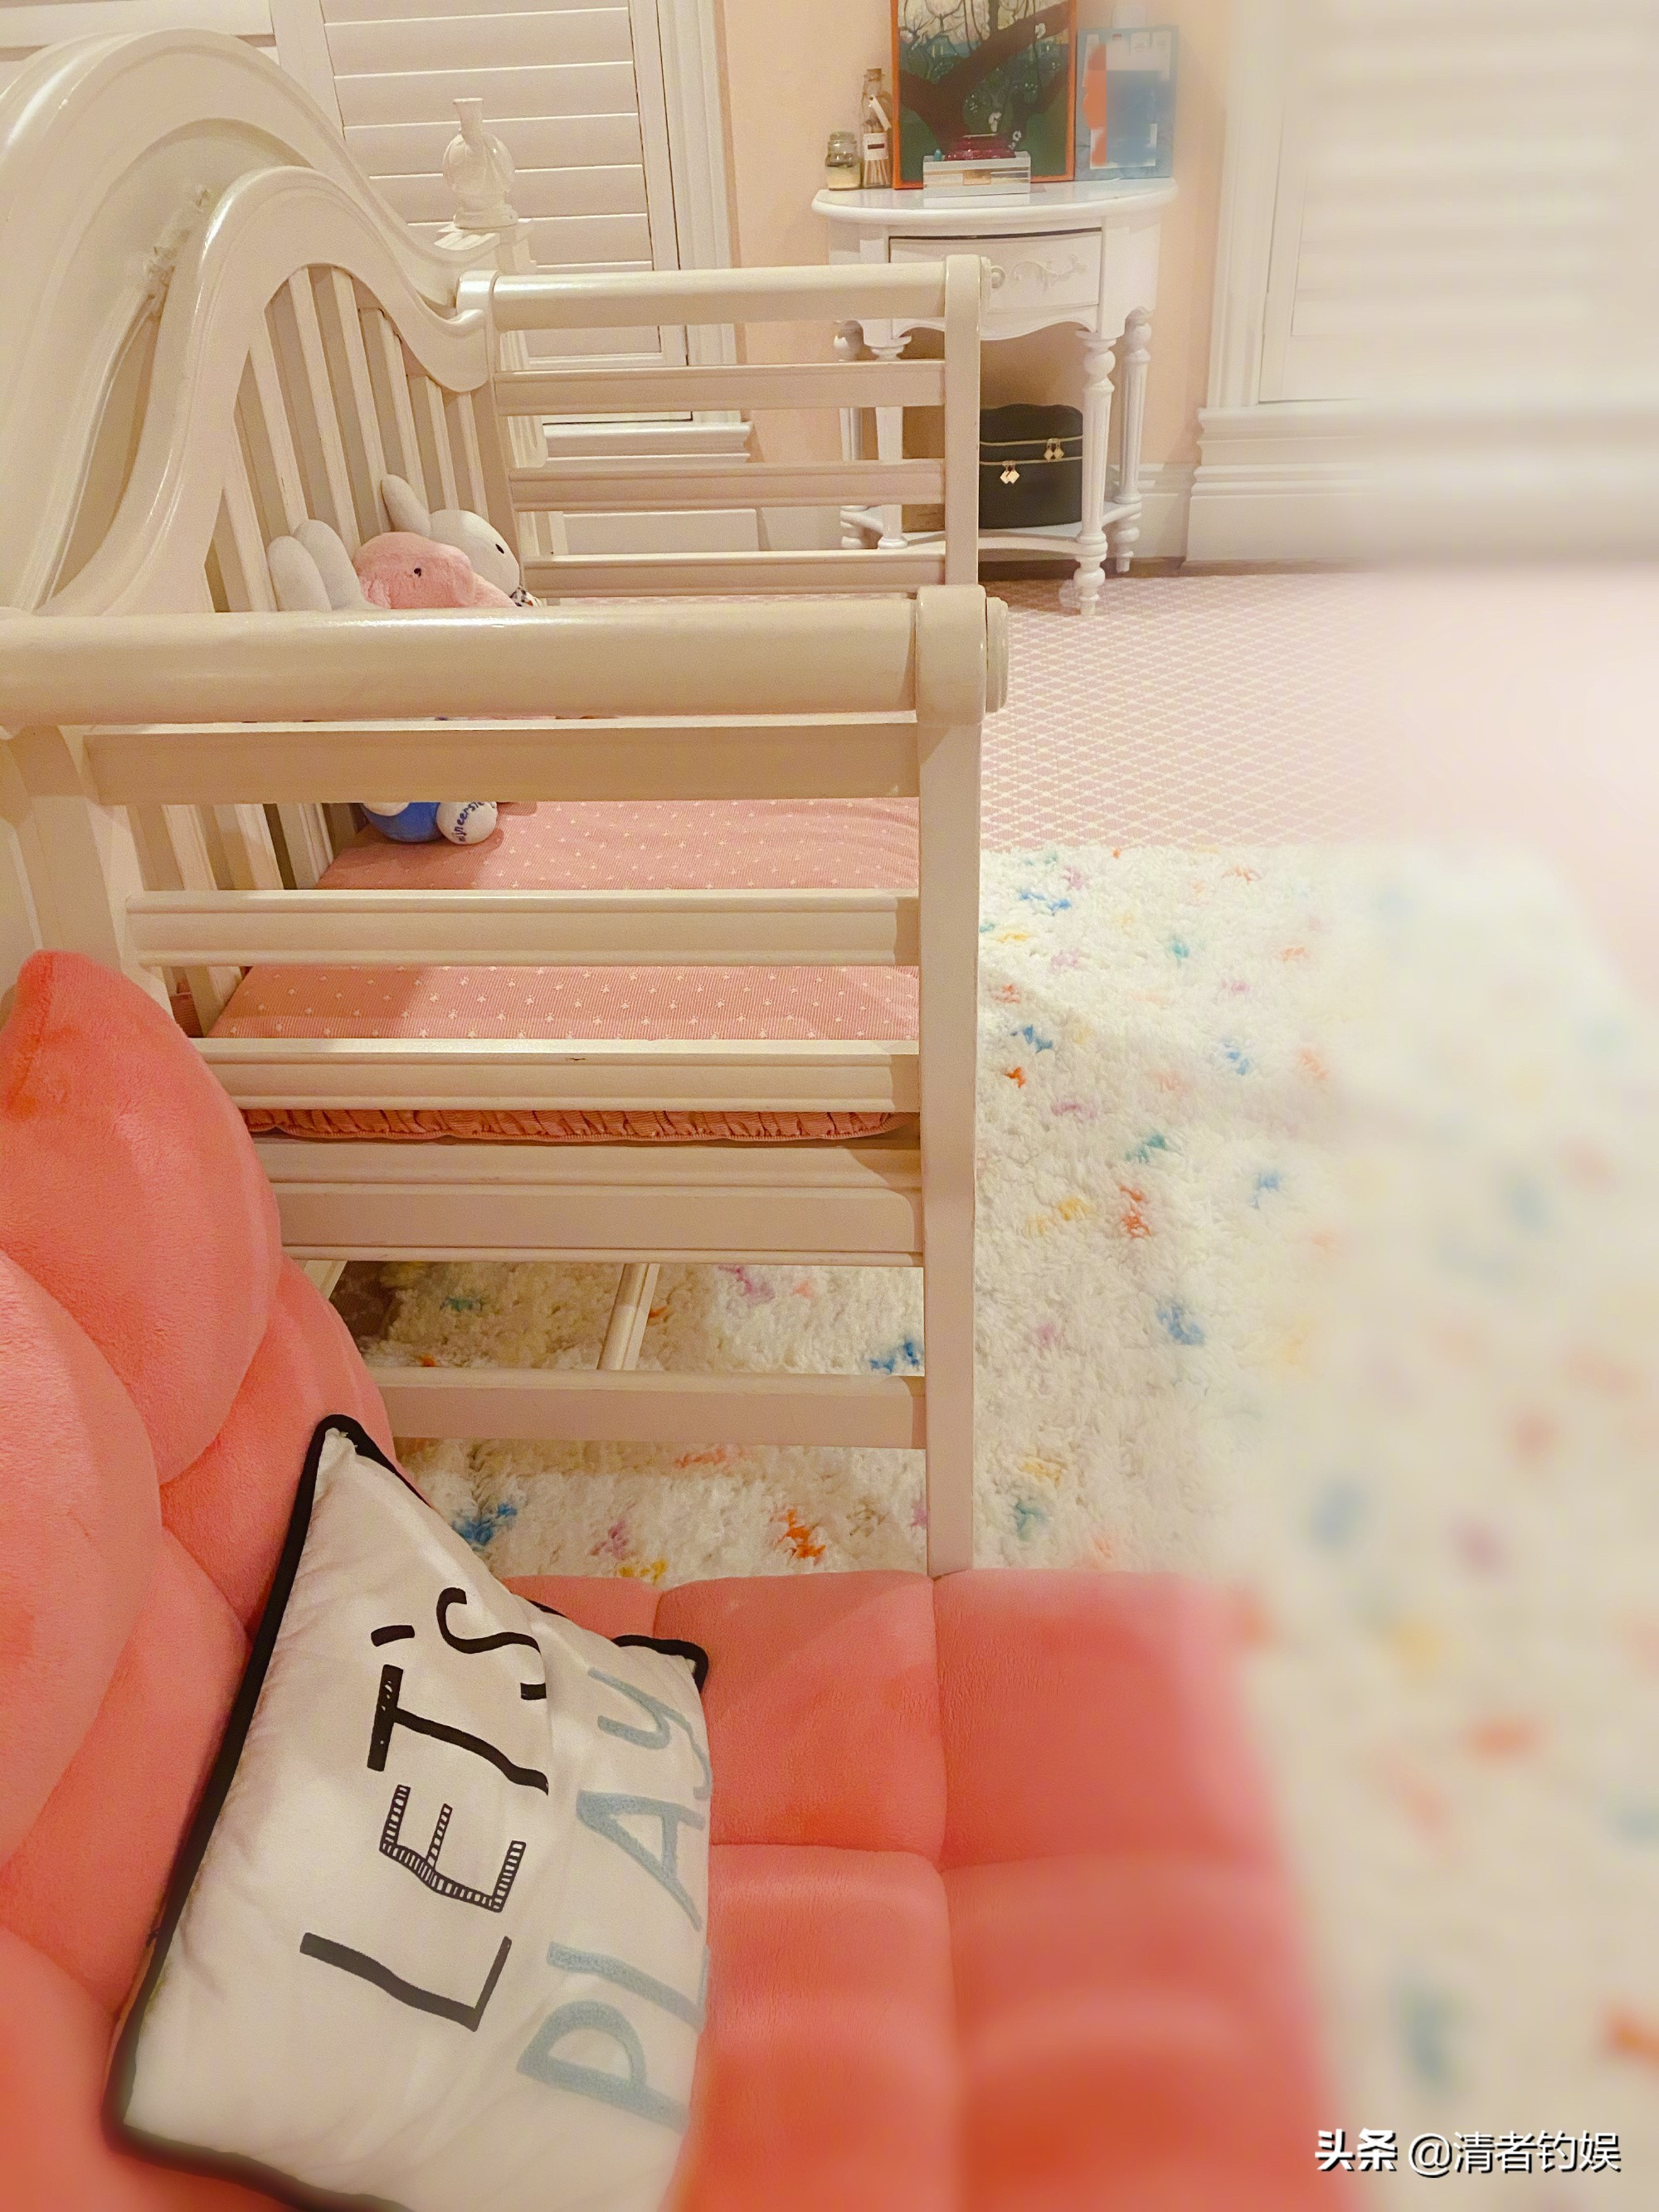 乌龙!舒畅又否认隐婚生子了,买的椅子因过于可爱被认为是婴